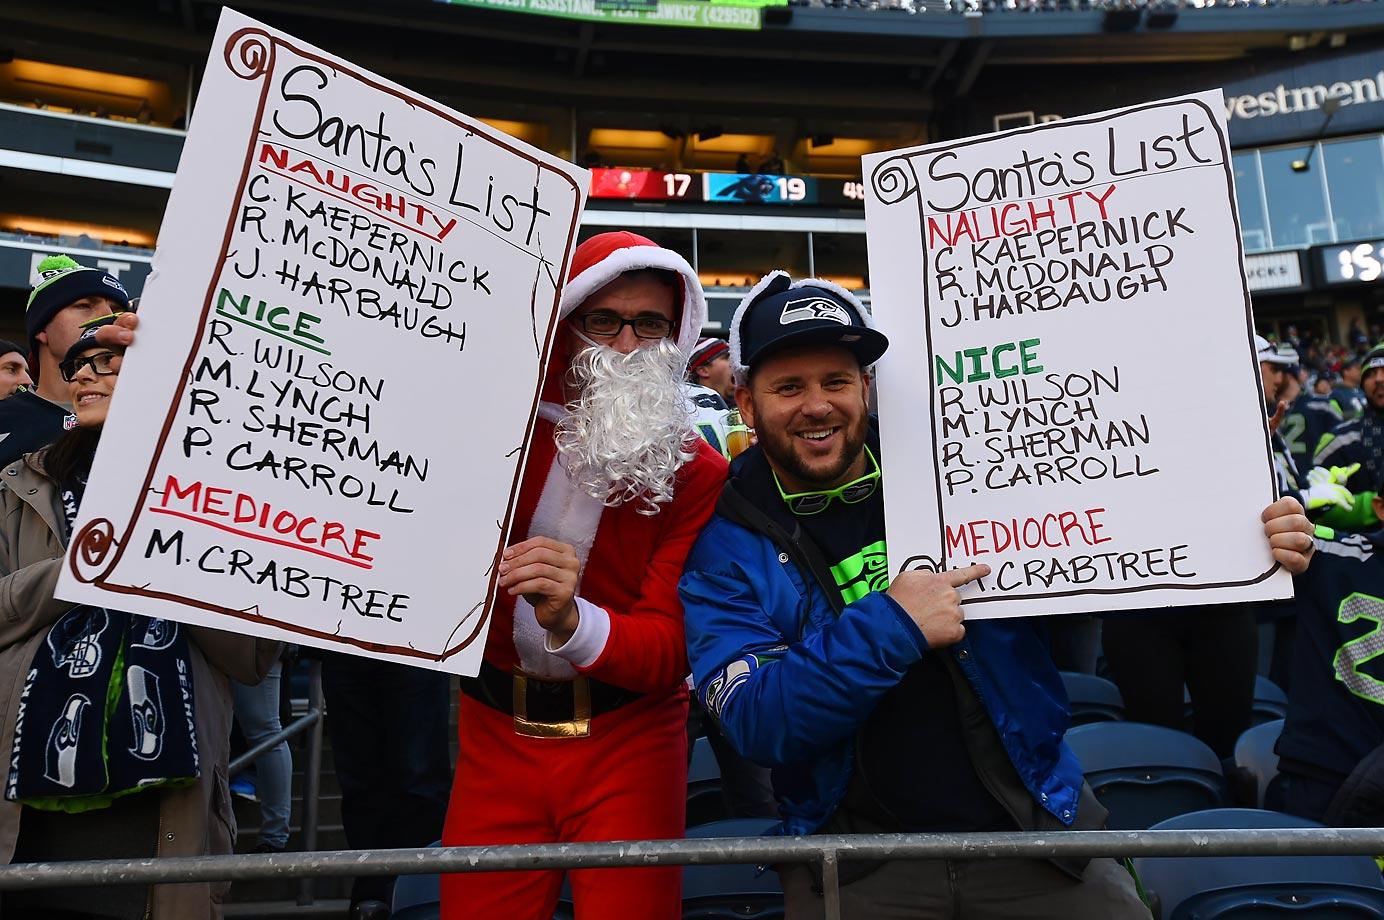 Santa's naughty and nice lists.